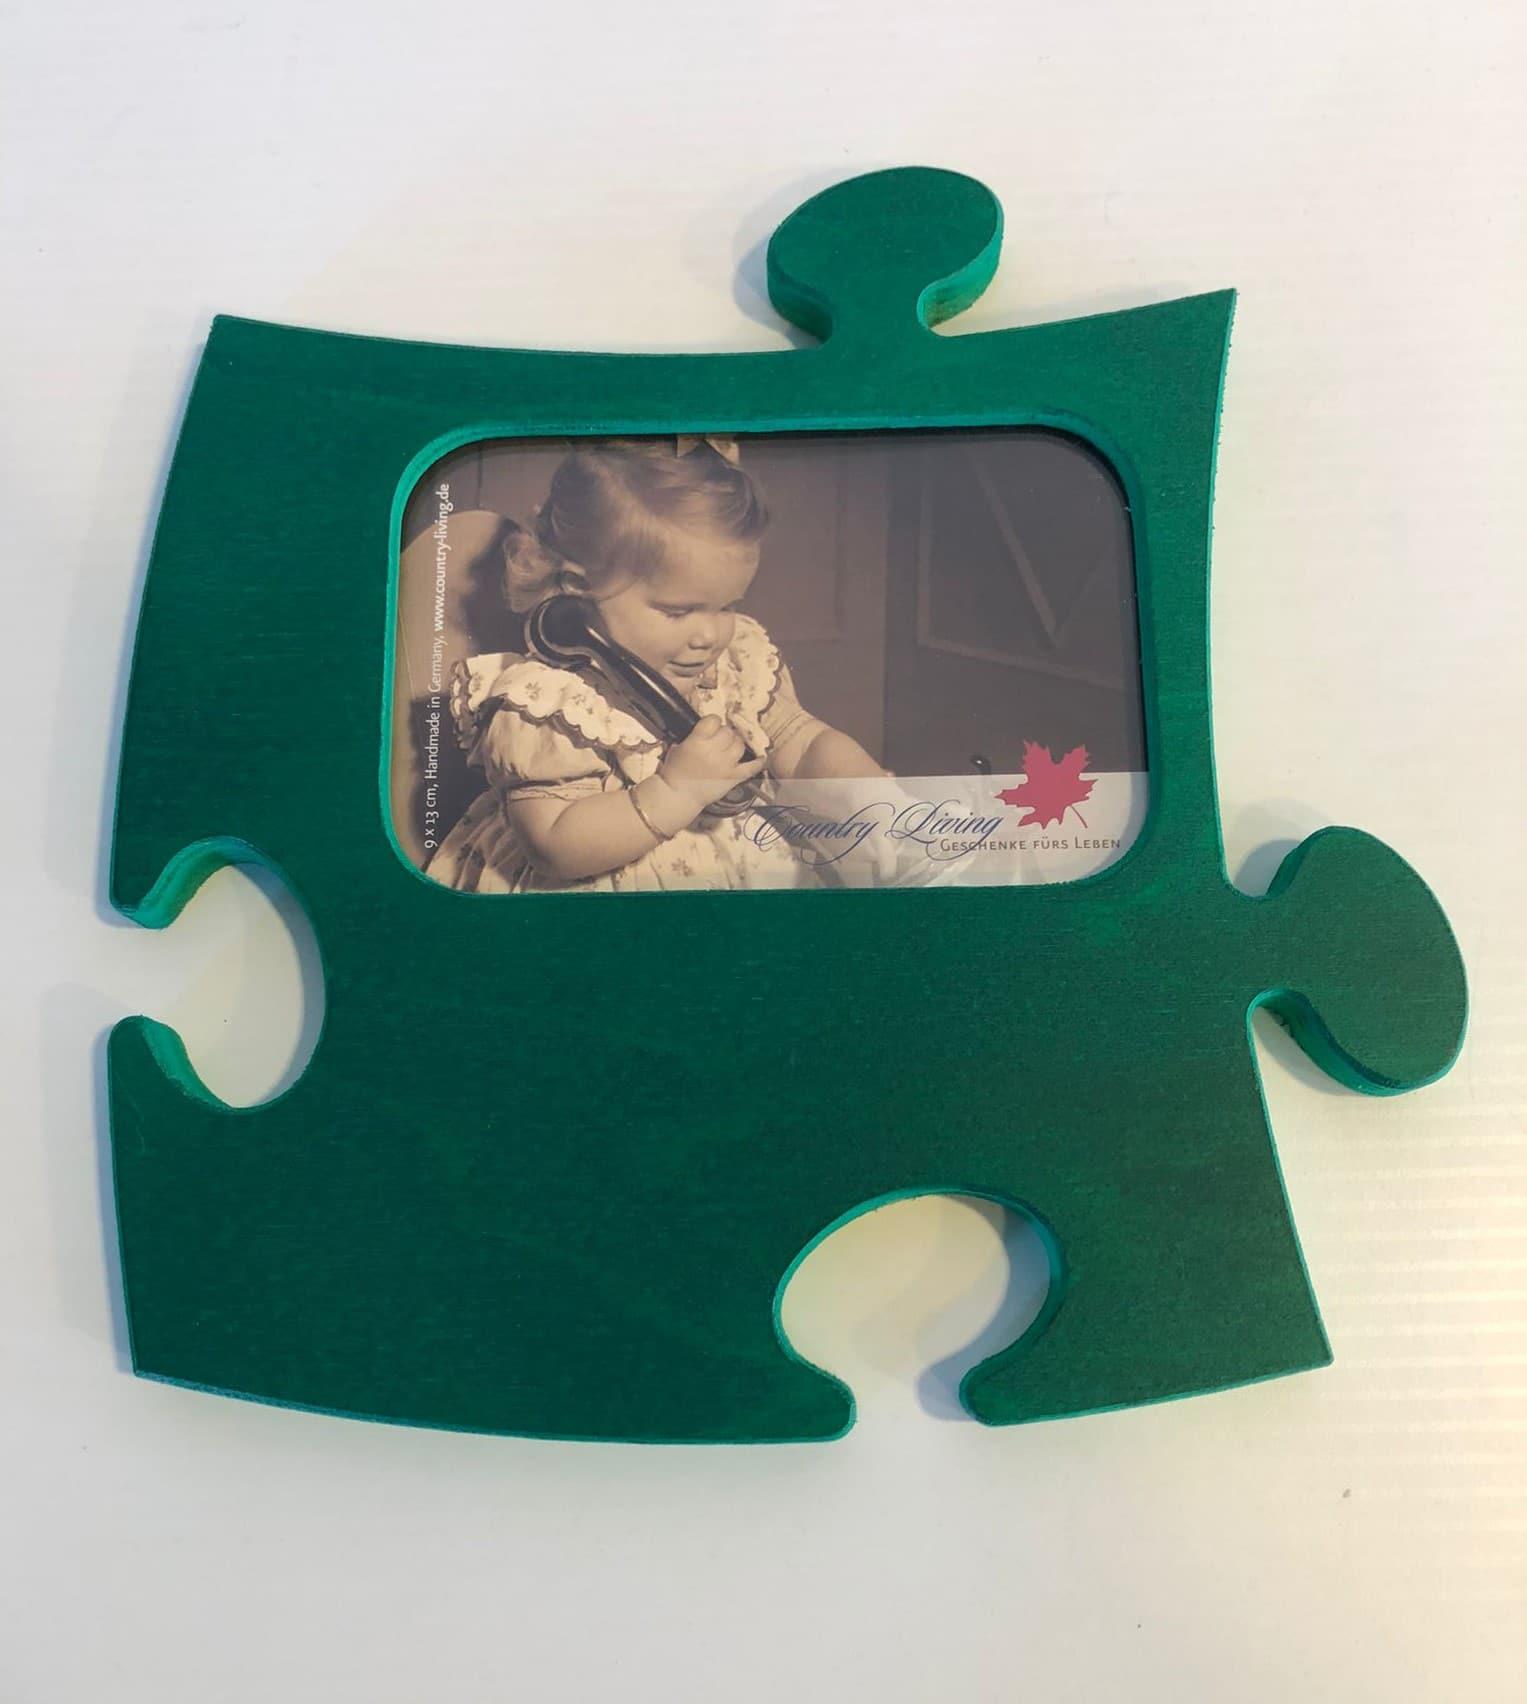 Marco de fotos en forma de puzzle